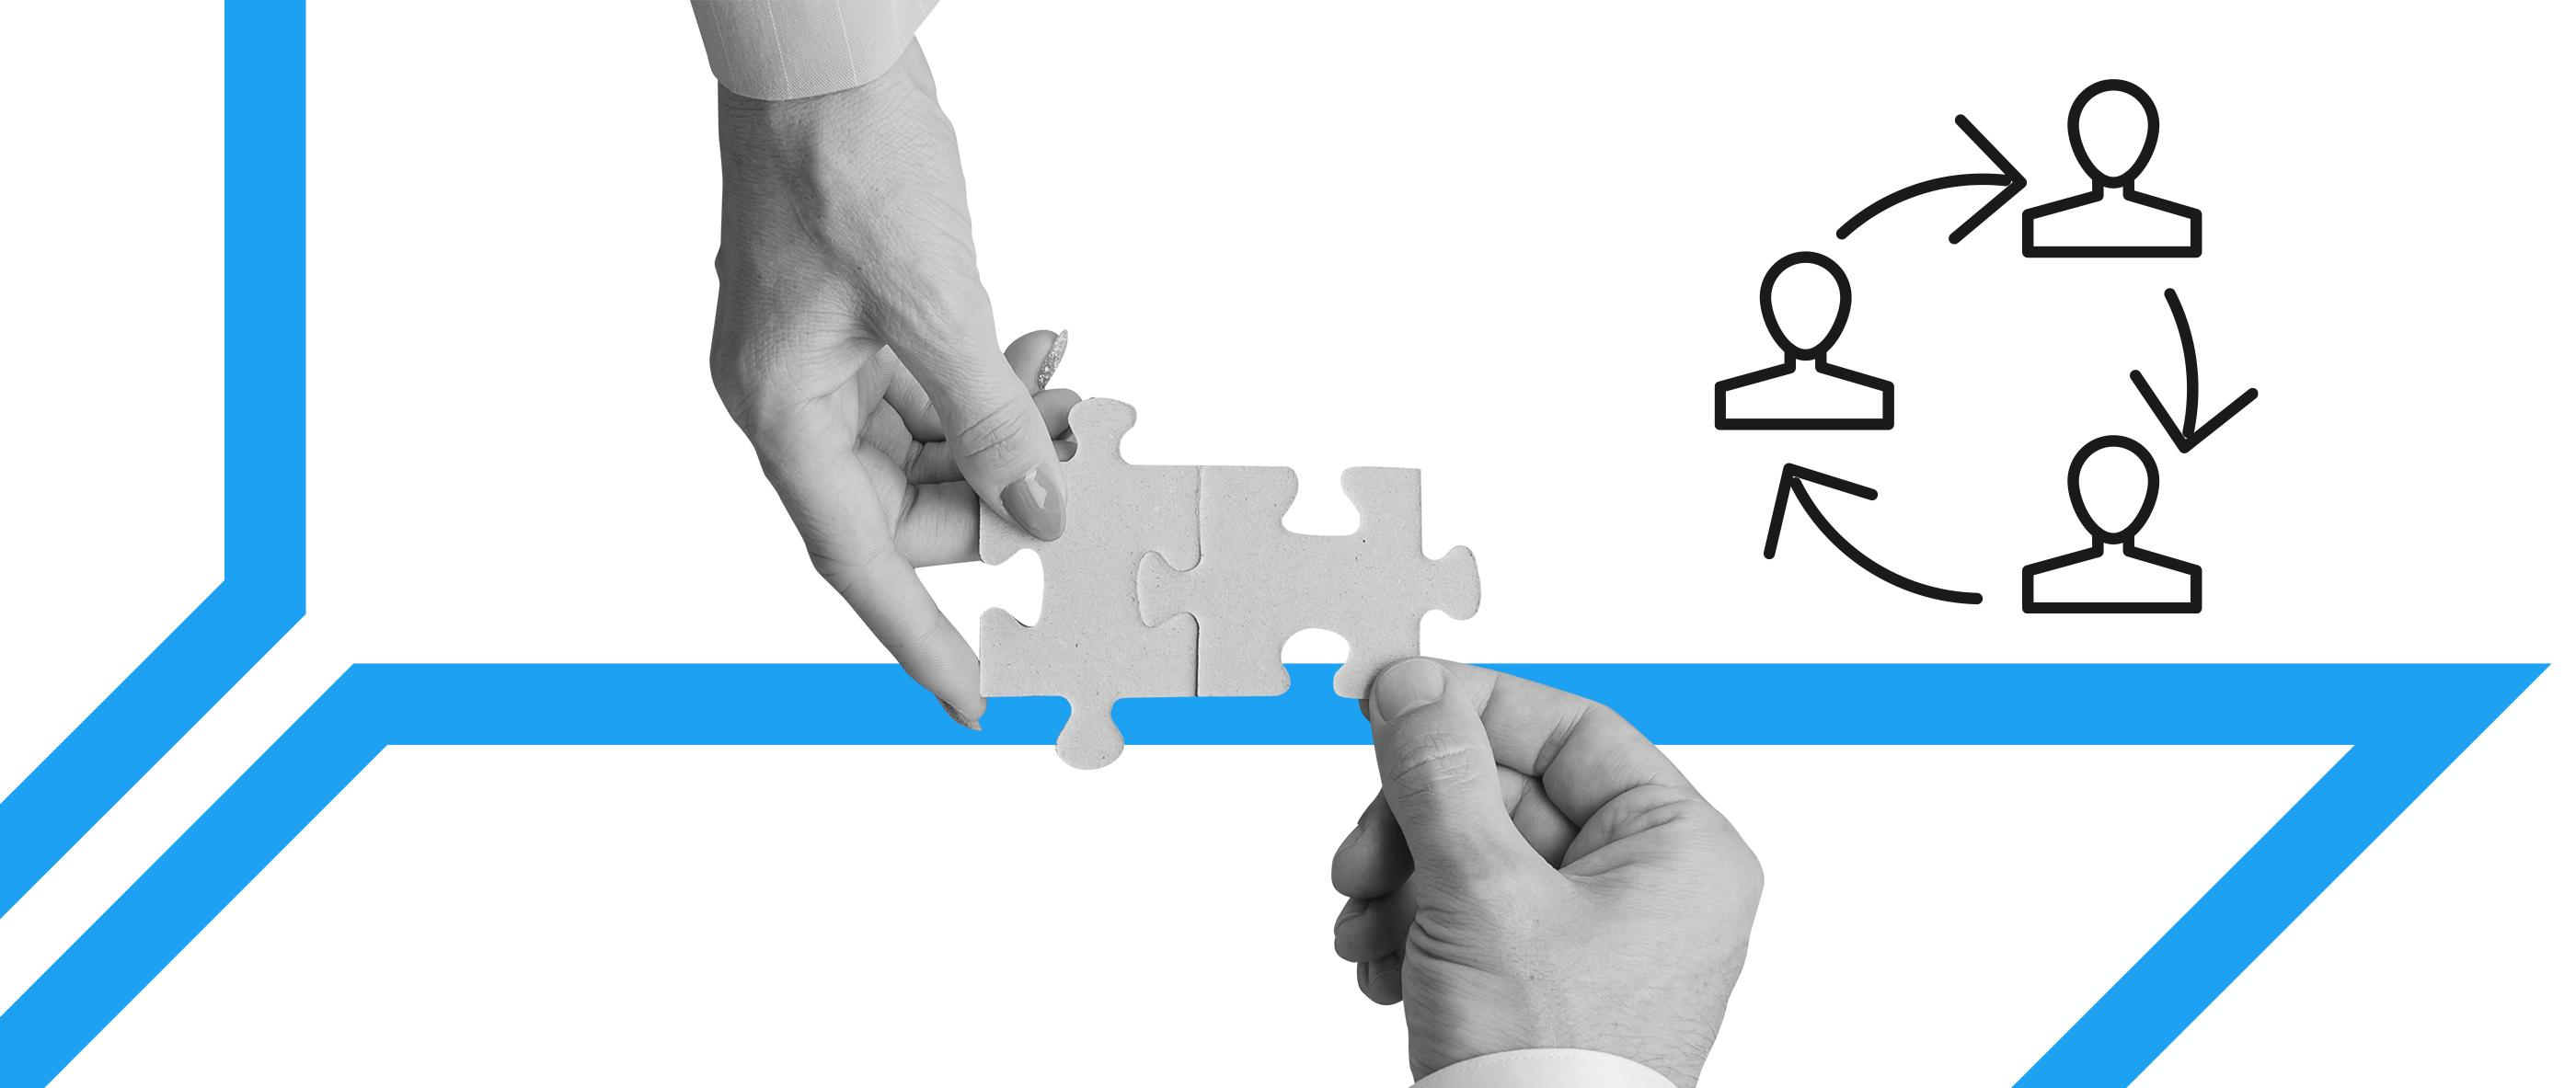 Как создать команду мечты: инструменты для достижения общих целей